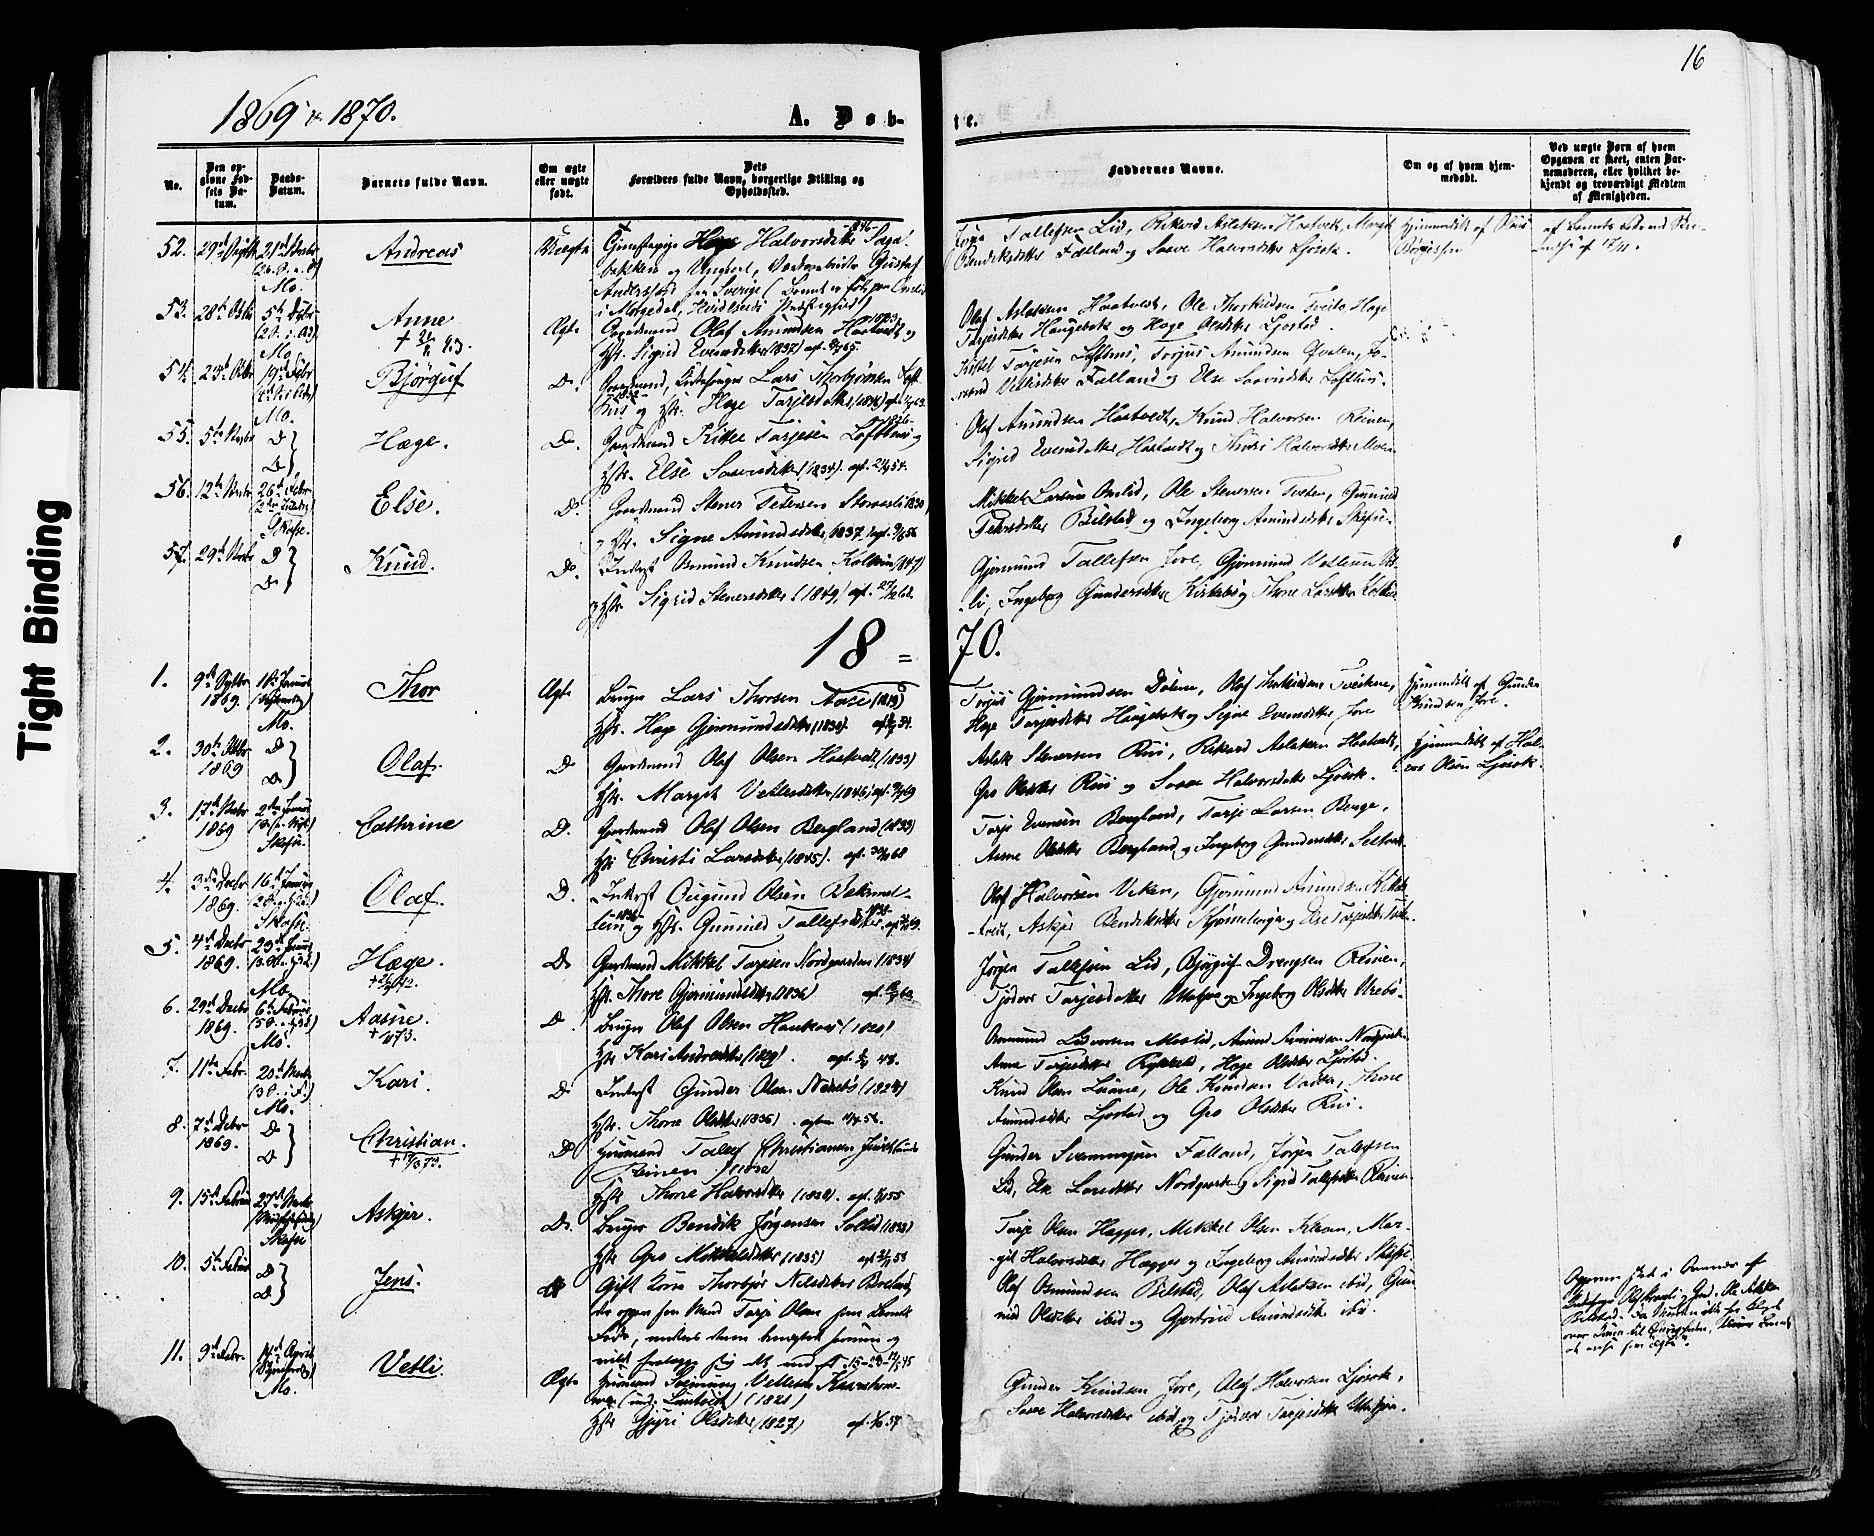 SAKO, Mo kirkebøker, F/Fa/L0006: Ministerialbok nr. I 6, 1865-1885, s. 16